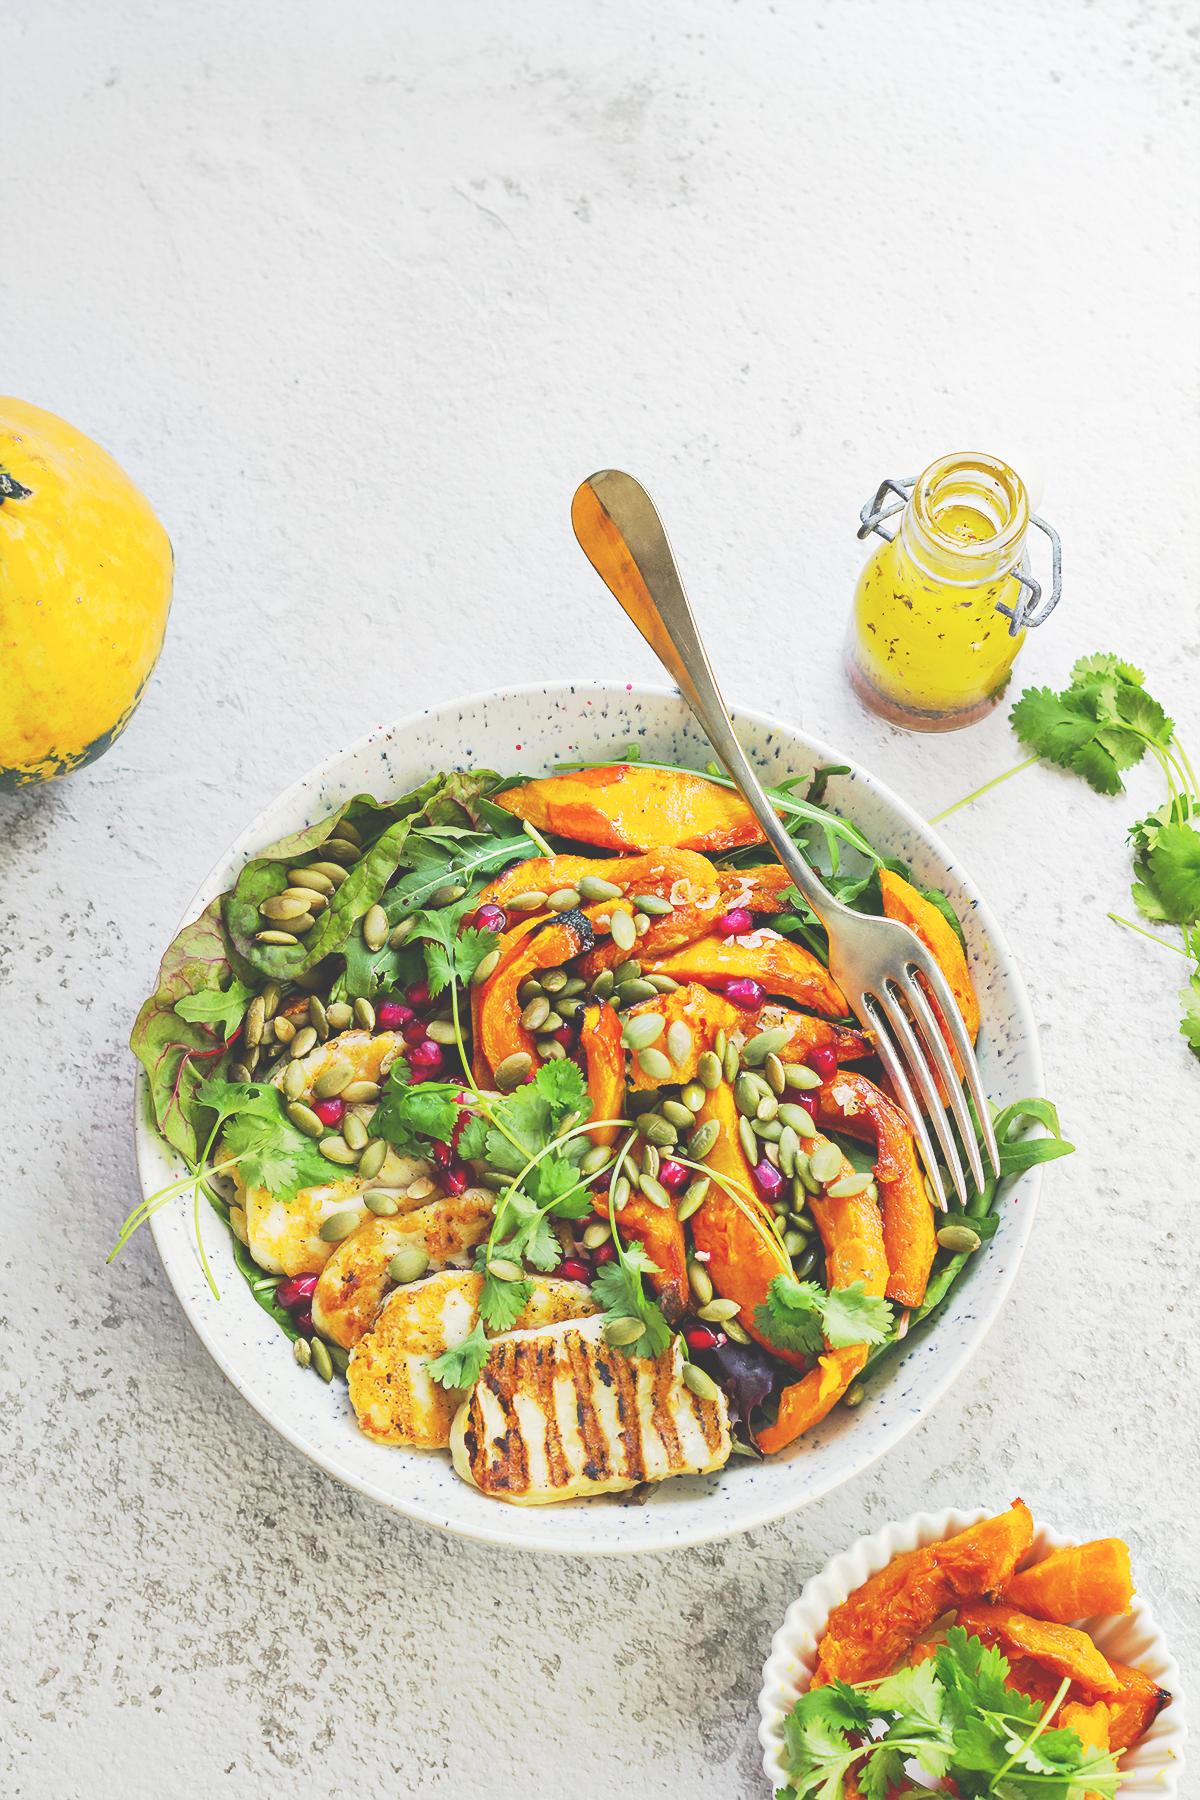 sałatka z dyni lchf dieta przzepisy zdrowe odchudzanie